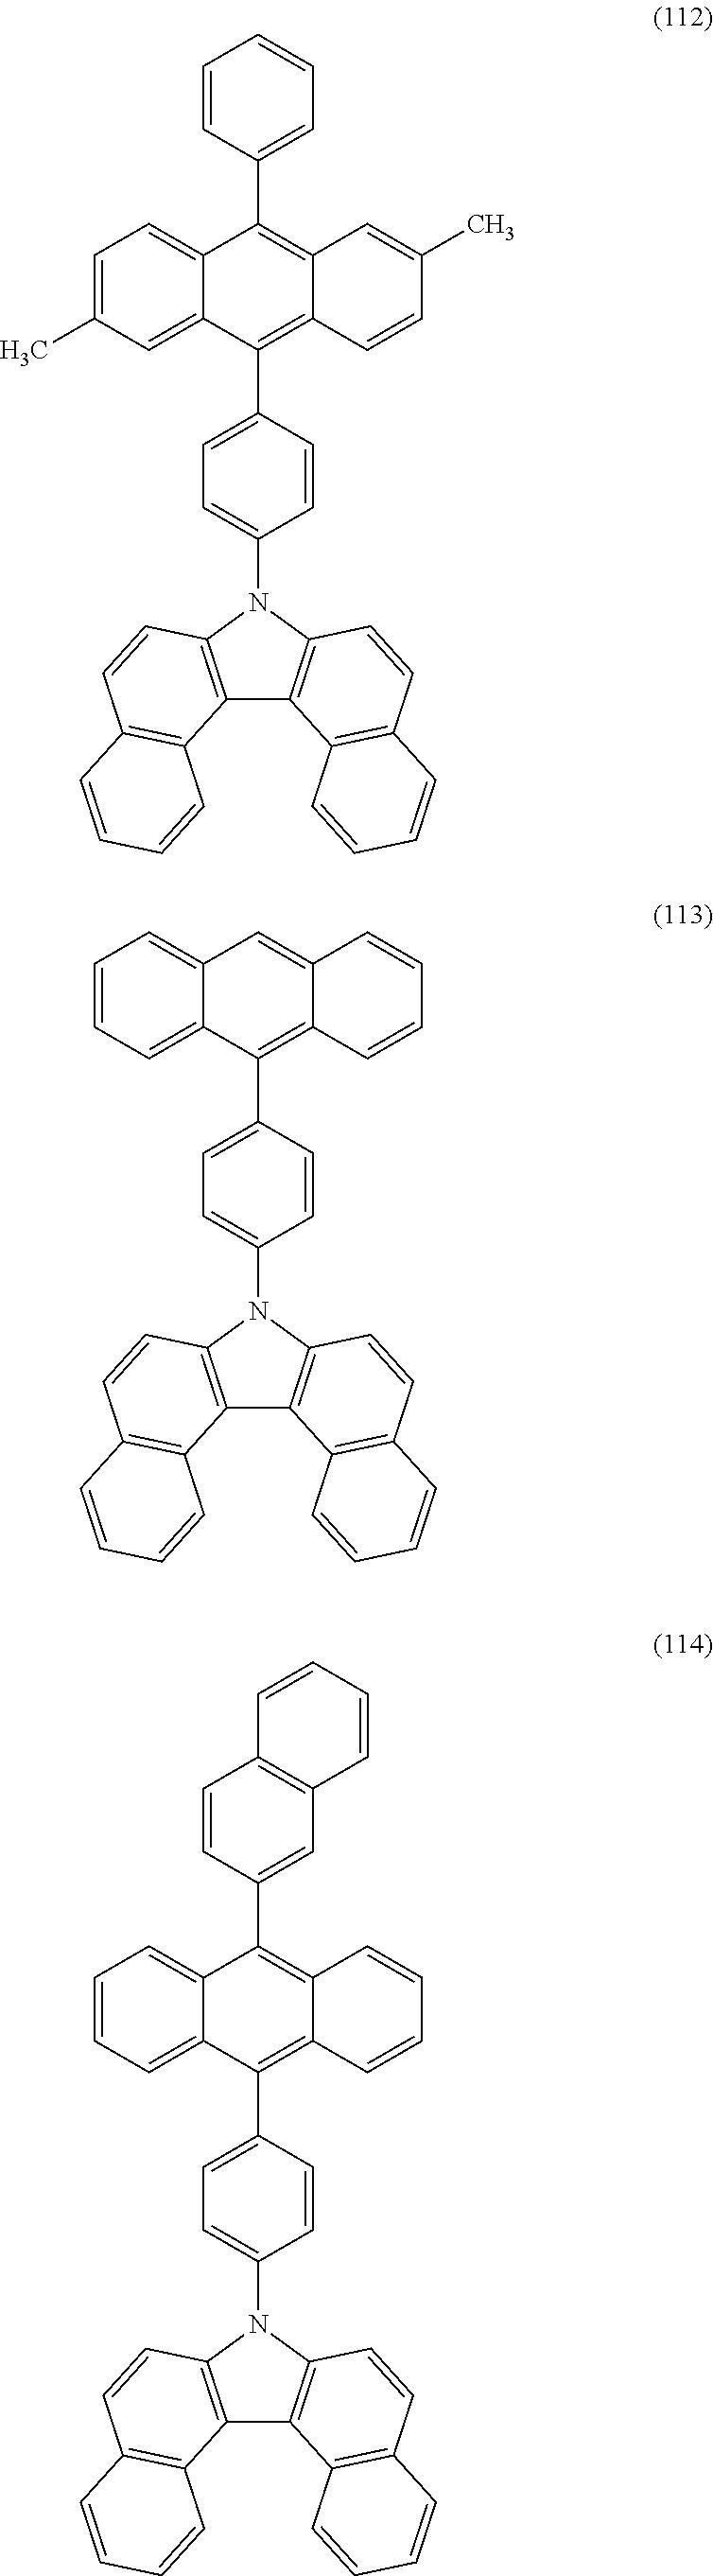 Figure US09240558-20160119-C00048